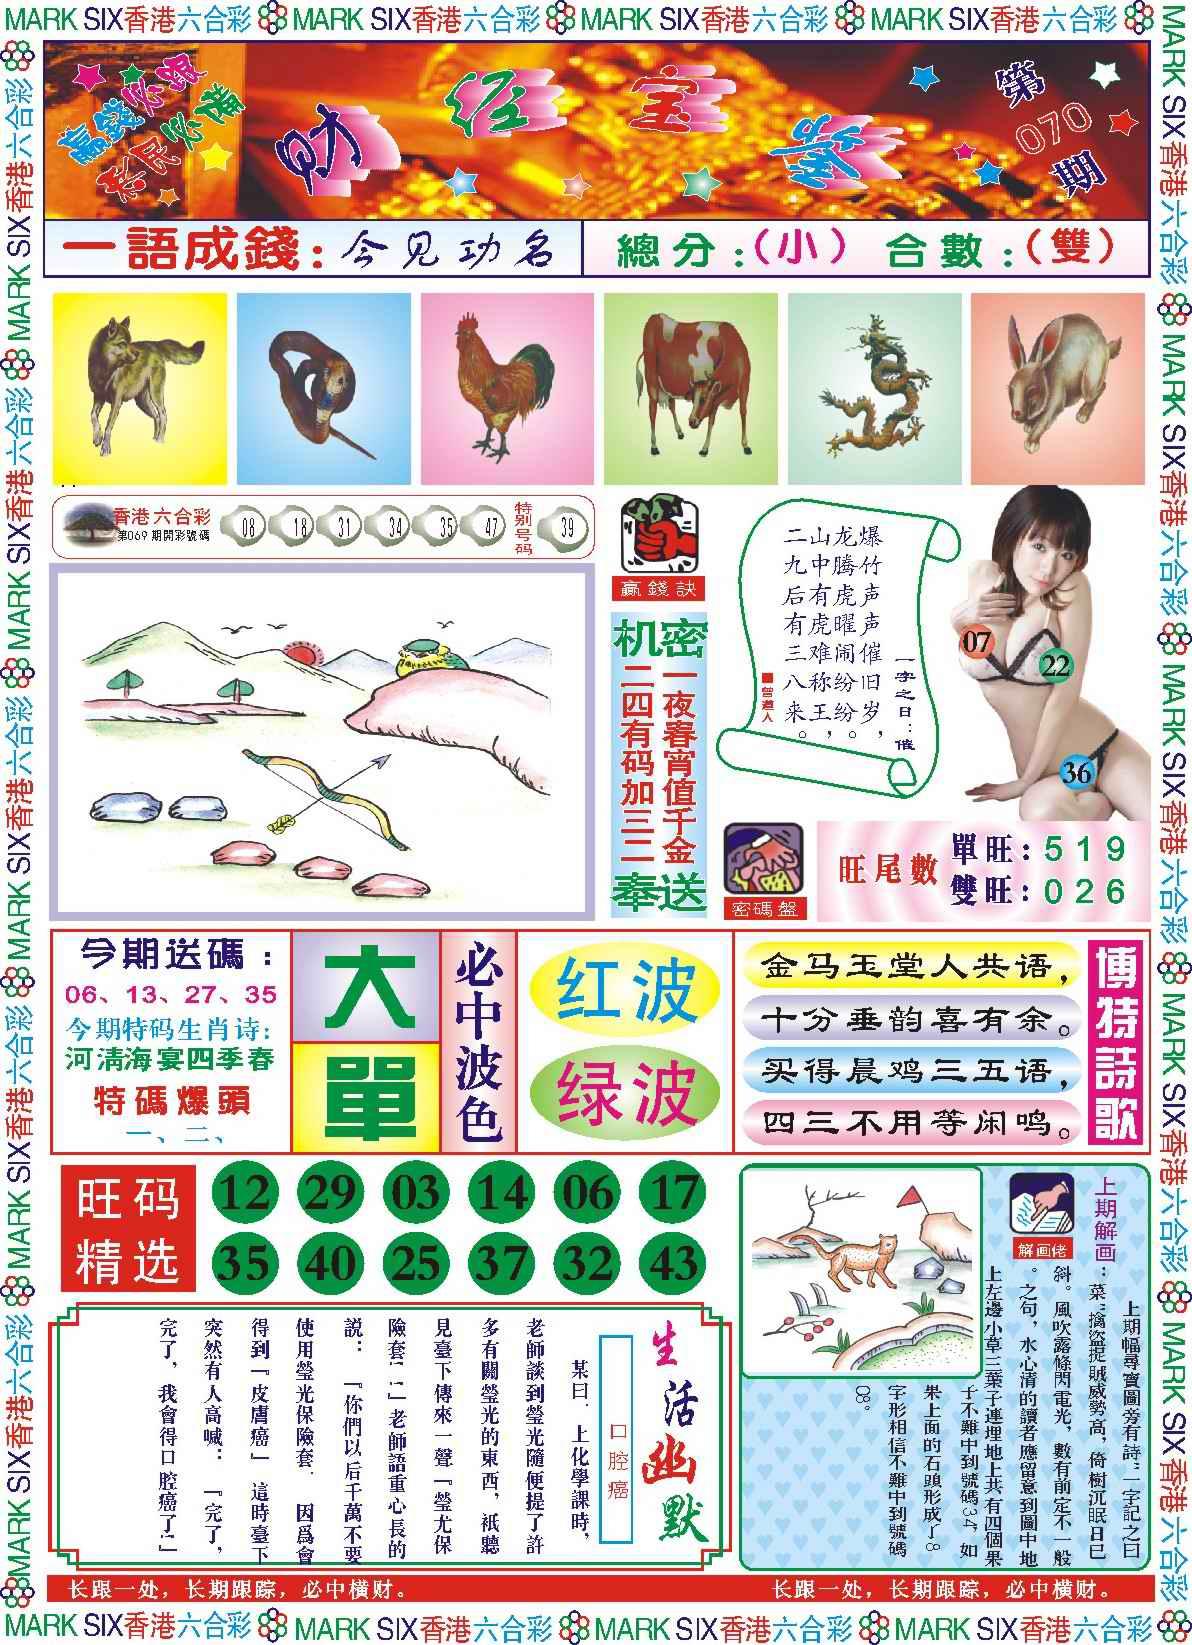 070期118财经宝鉴(新图)